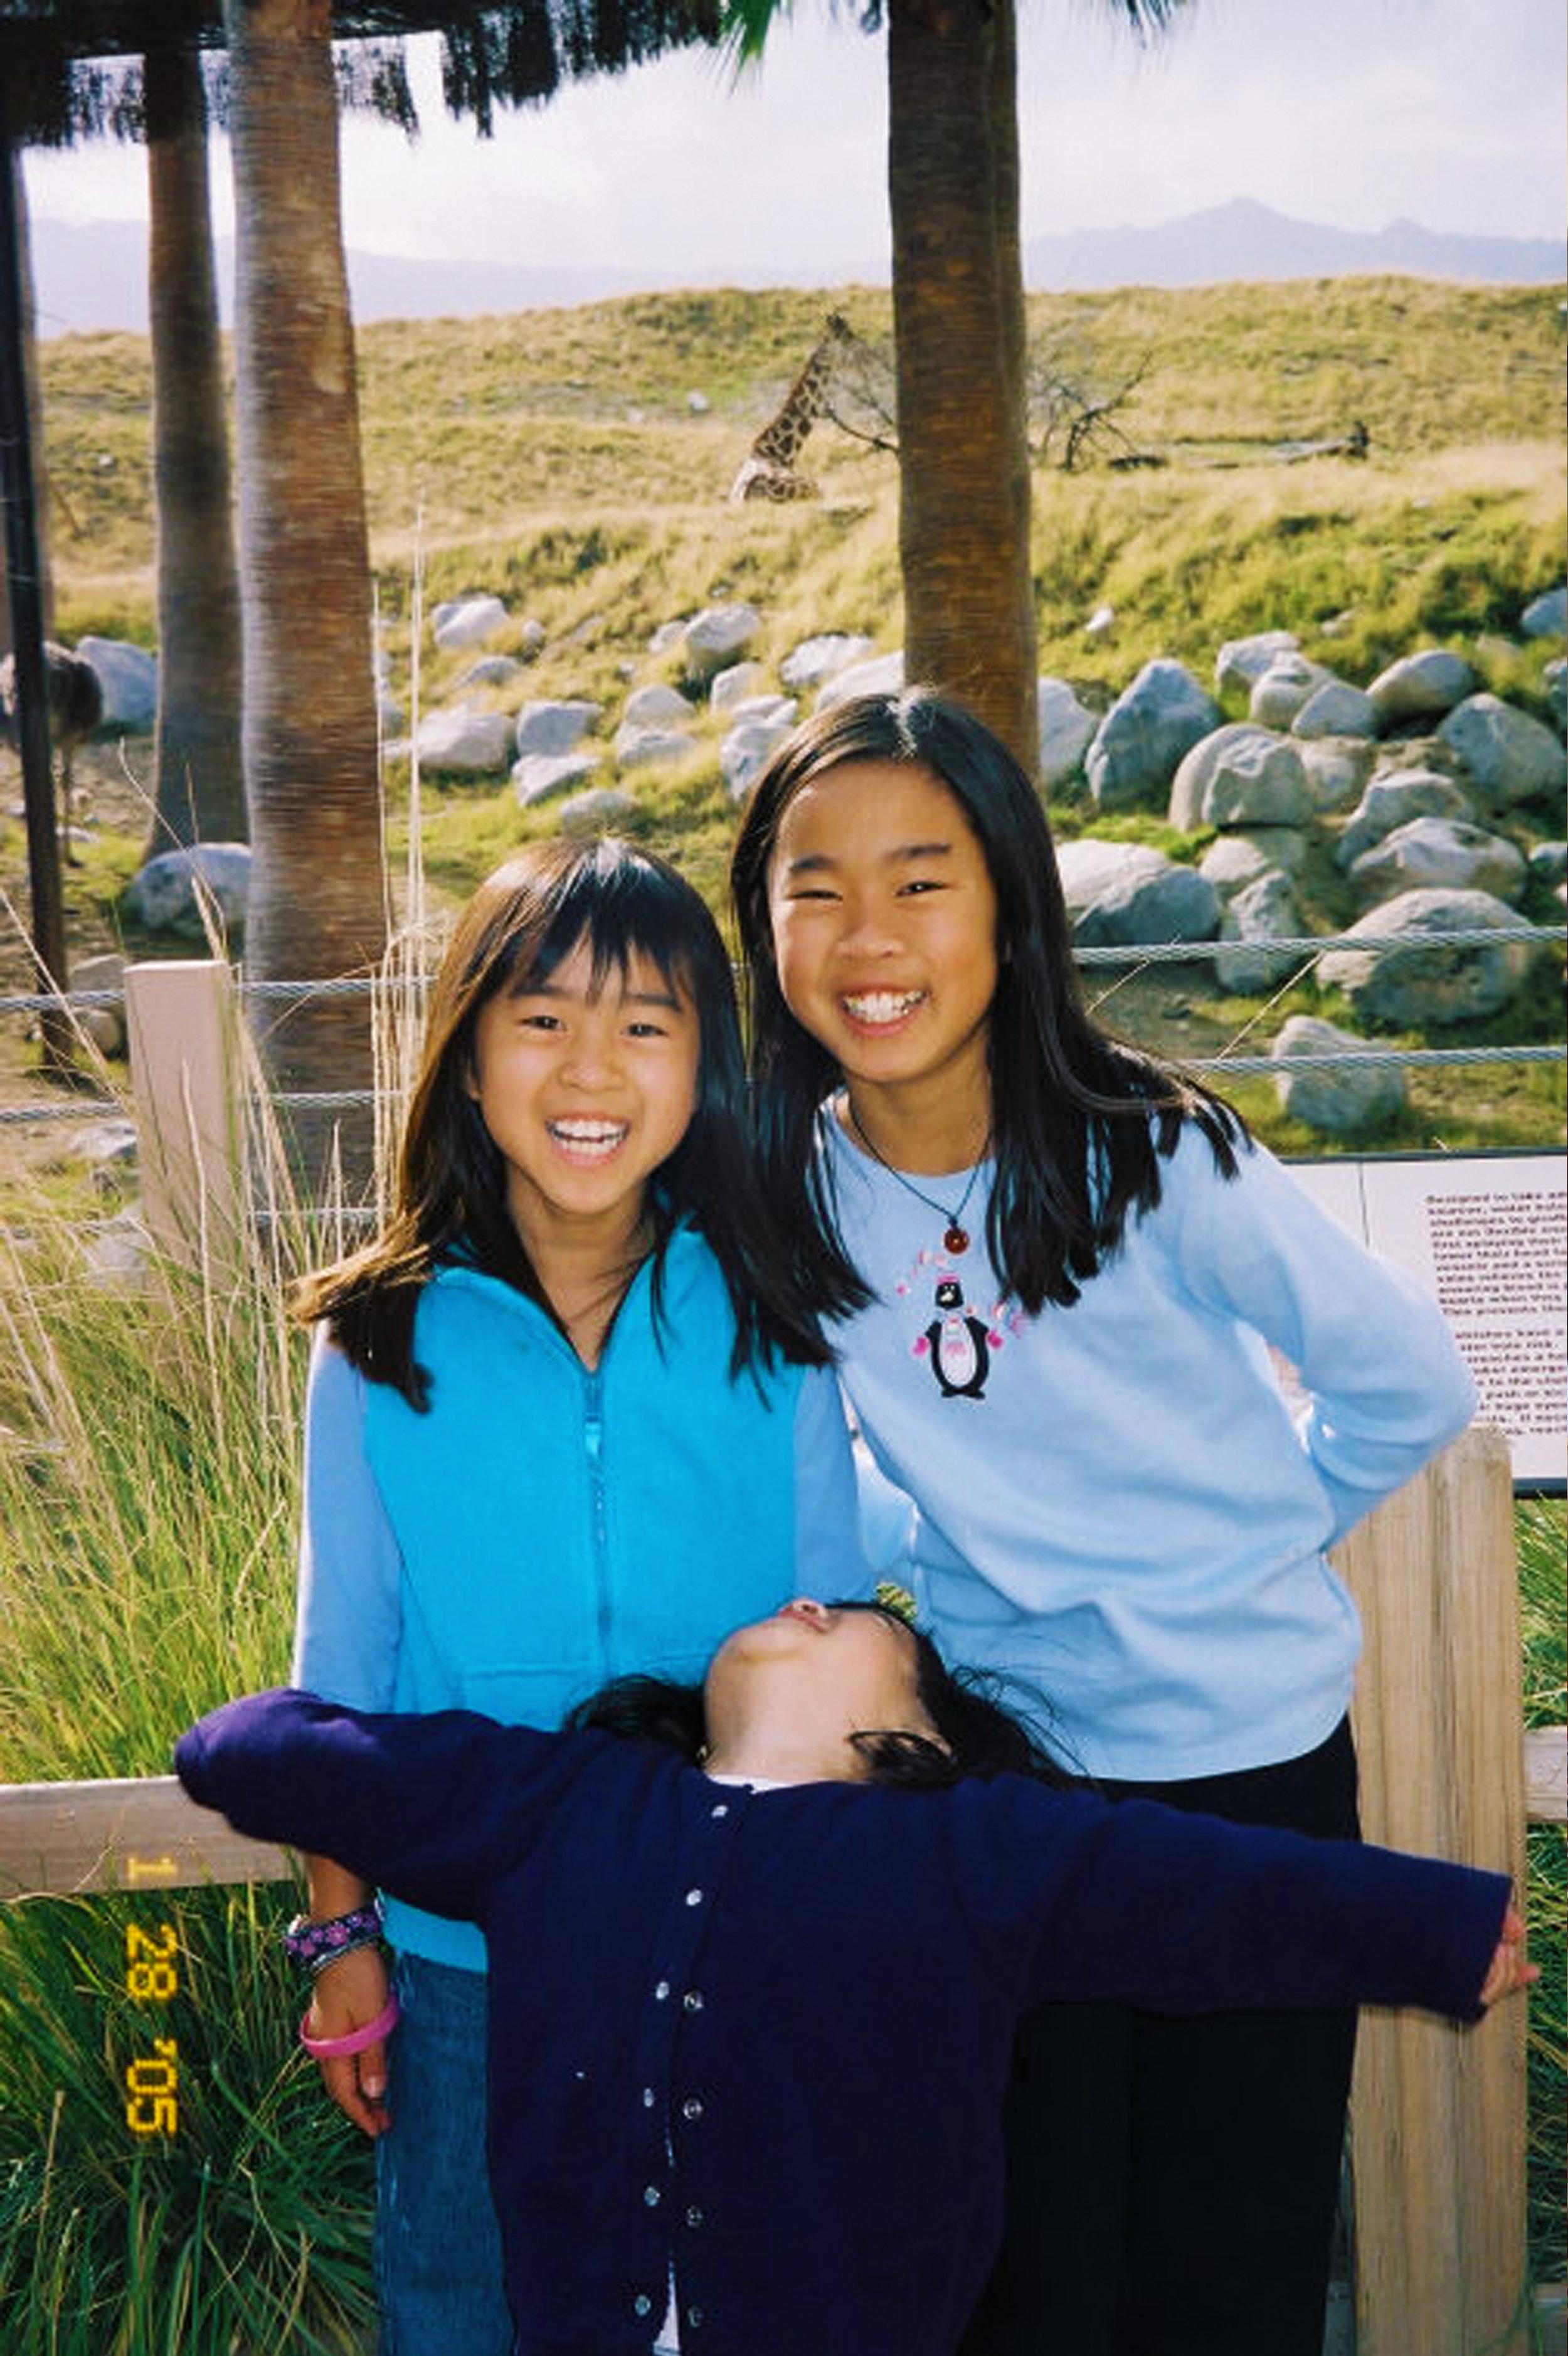 Palm Springs, 2005